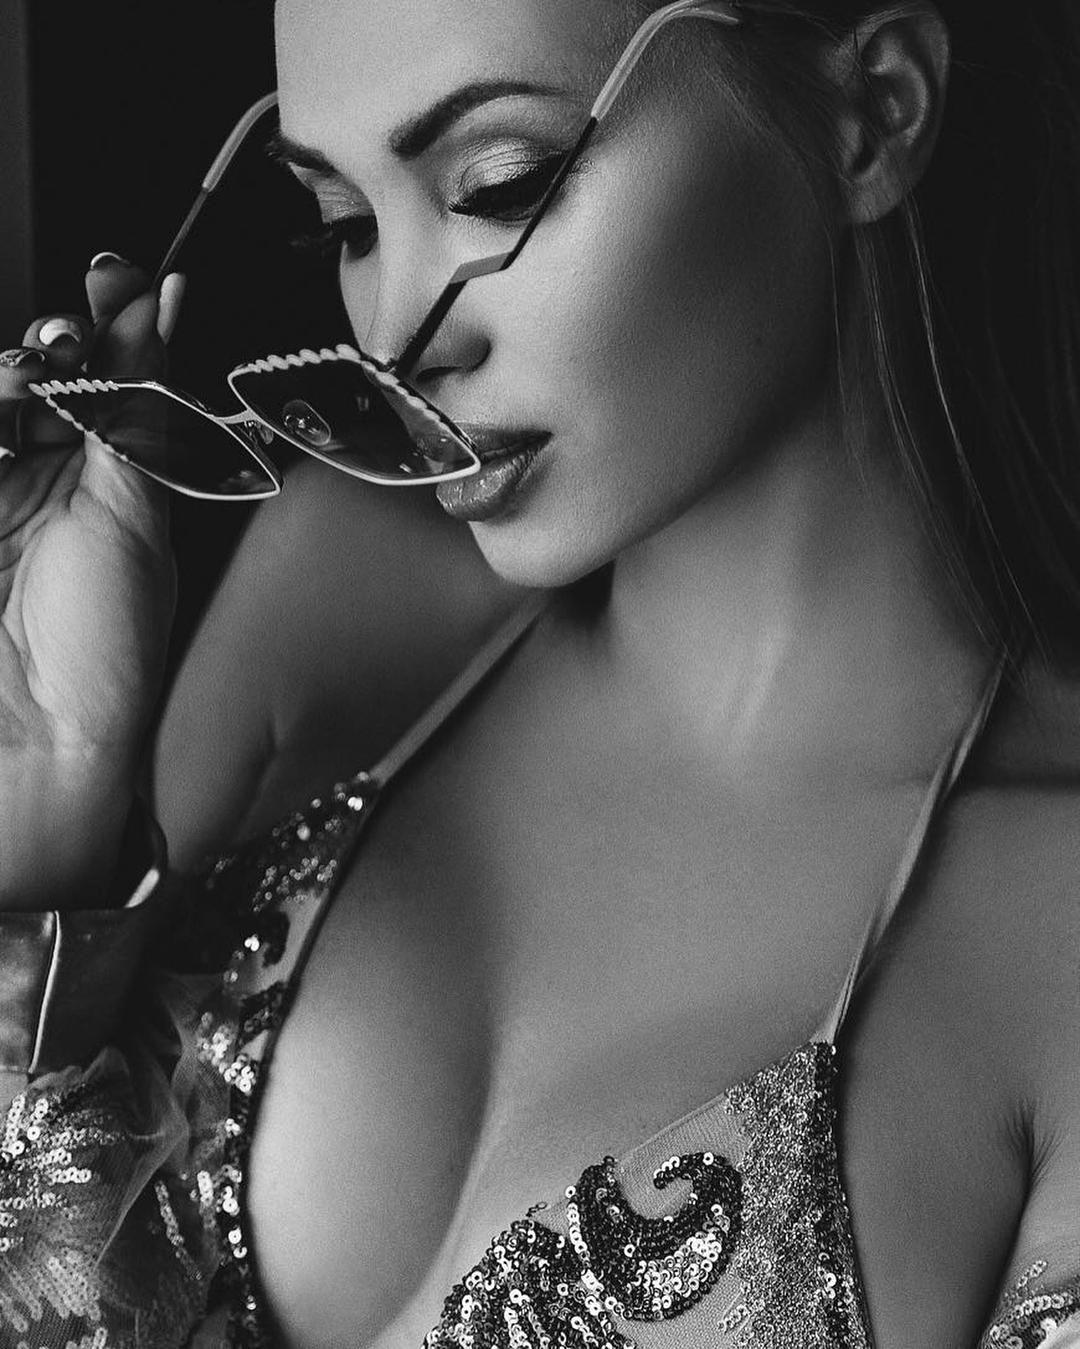 Евгения Феофилактова: А моя @tatuana_kucheruk_ балует меня снова красивыми фоточками . Хотите тоже? Записывайтесь к Тане и получаете крутые кадры . Всем желаю хорошего солнечного  денёчка.  #style#stylish#beautiful#fashion#beauty#feofilaktovaevgeniya#hot#sweet